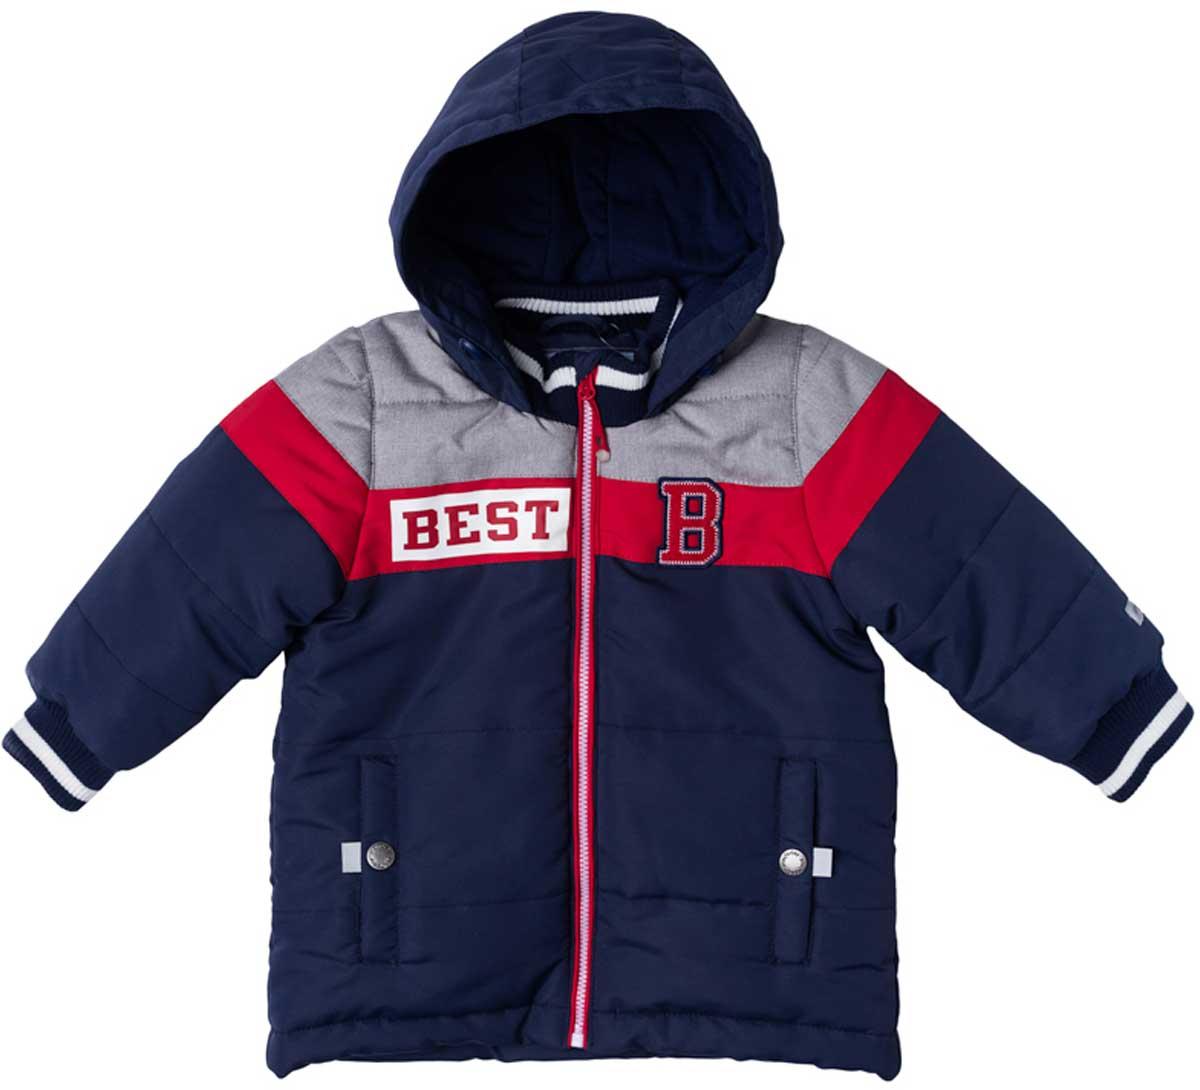 Куртка177002Практичная утепленная куртка с капюшоном со специальной водоотталкивающей пропиткой защитит Вашего ребенка в любую погоду! Мягкие трикотажные резинки на рукавах защитят Вашего ребенка - ветер не сможет проникнуть под куртку. Специальный карман для фиксации застежки-молнии не позволит застежке травмировать нежную детскую кожу. Модель снабжена светоотражателями на рукаве и по низу изделия - Ваш ребенок будет виден даже в темное время сутокПреимущества: Защита подбородка. Специальный карман для фиксации застежки-молнии. Наличие данного кармана не позволит застежке -молнии травмировать нежную кожу ребенкаСветооражательВодоооталкивающая пропитка